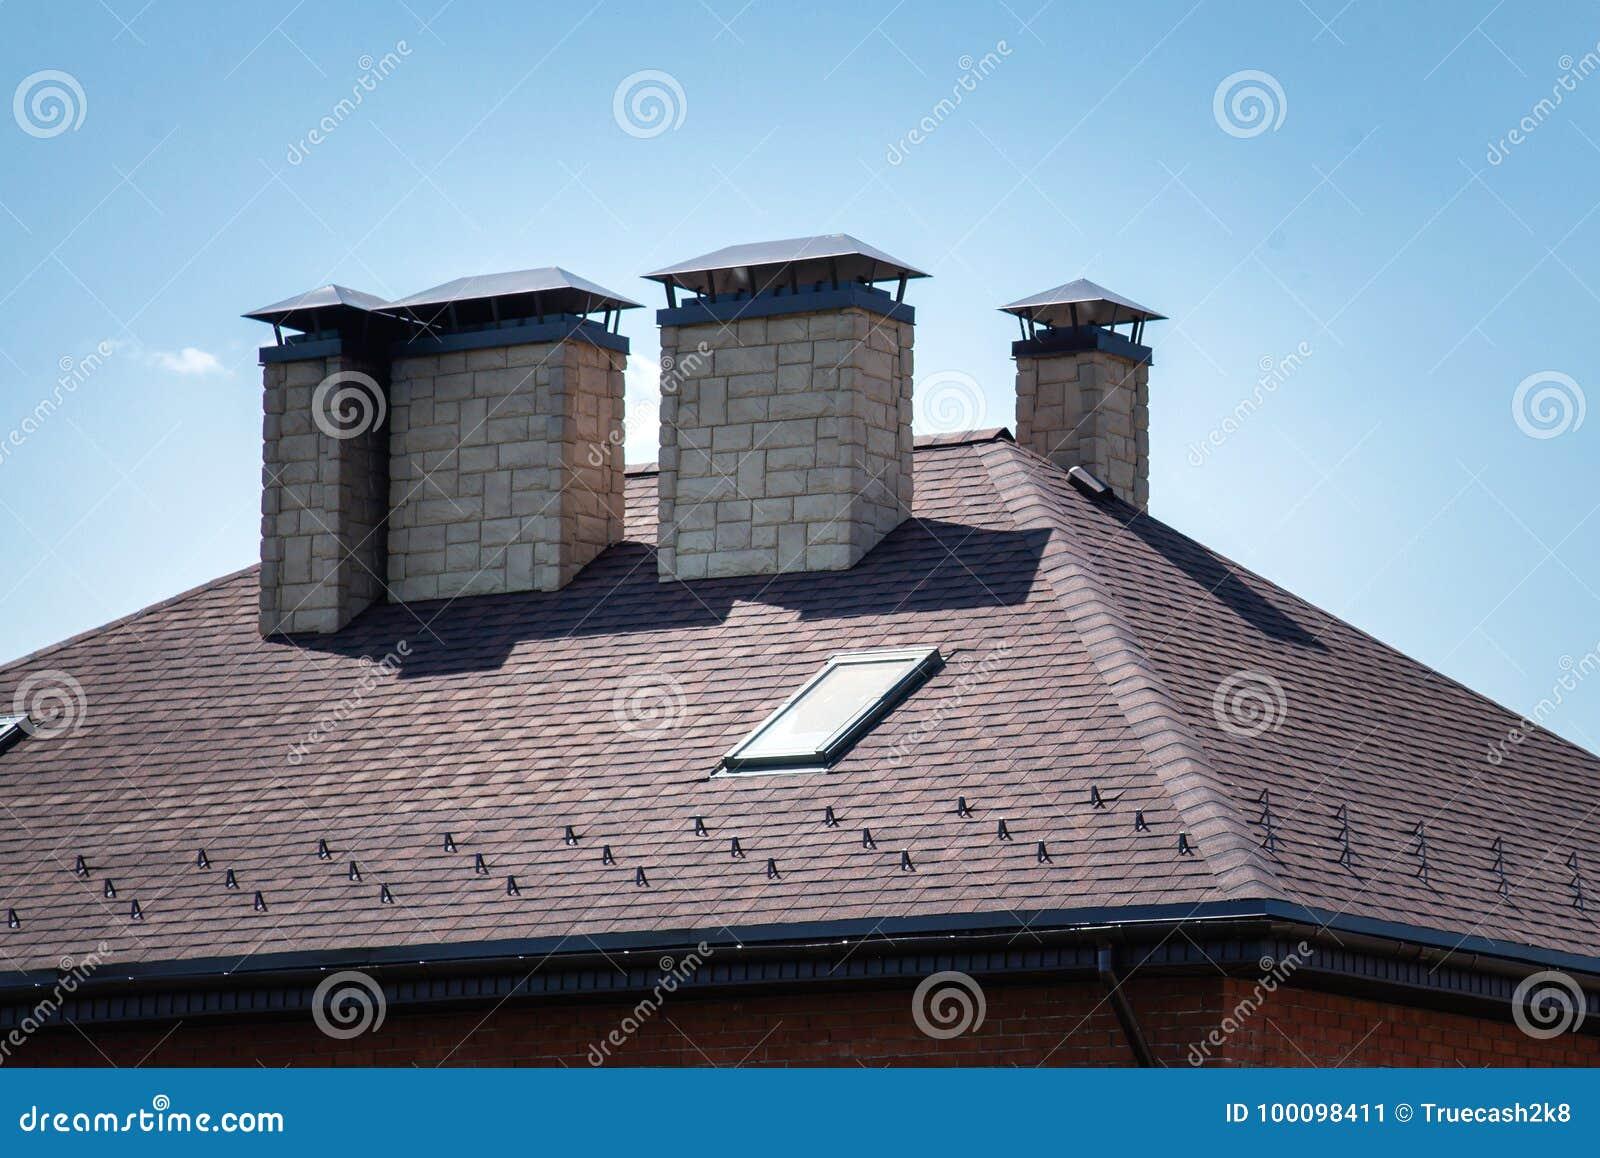 Een Nieuw Huis : Een nieuw huis met betegelde dak schoorsteen ventilatie voor